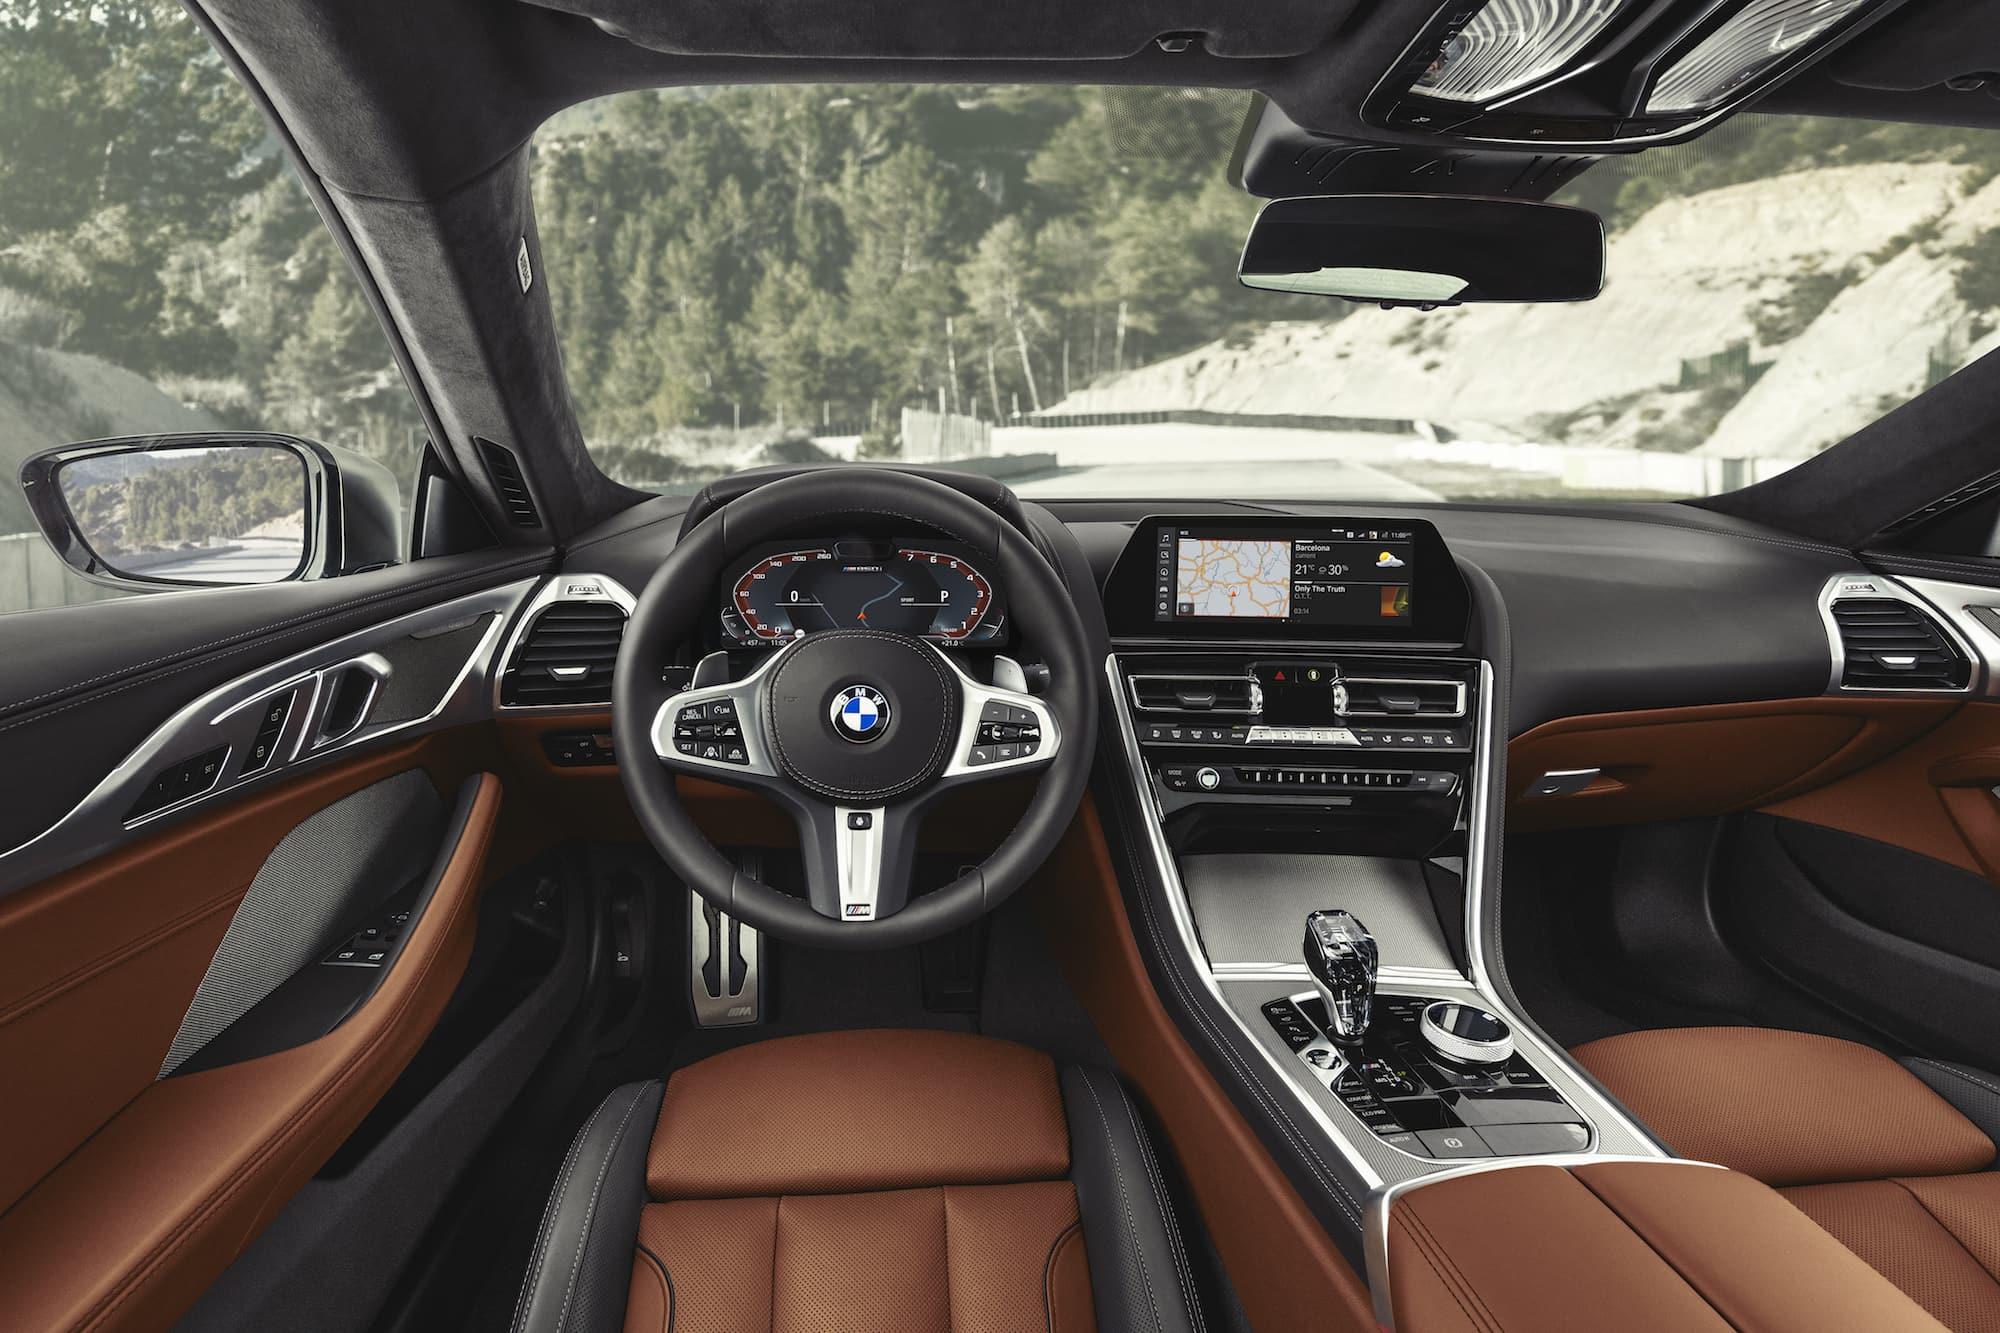 BMW belebt 8er Serie wieder: Das ist der neue BMW M850i xDrive 9